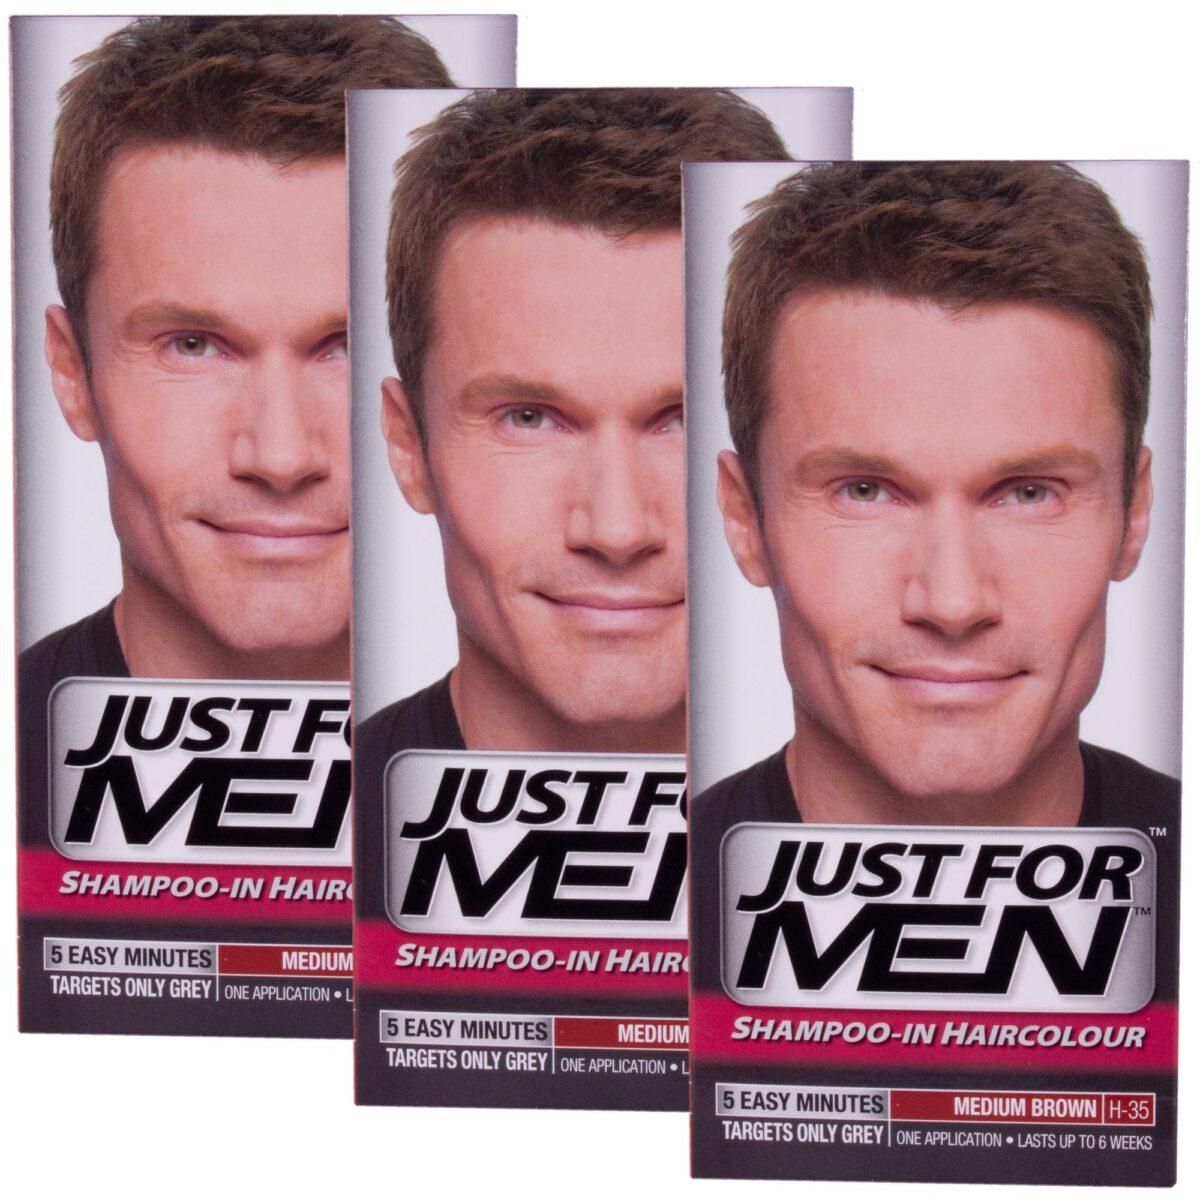 3 x Just For Men Shampoo In Hair Colour - Medium Brown H35-0